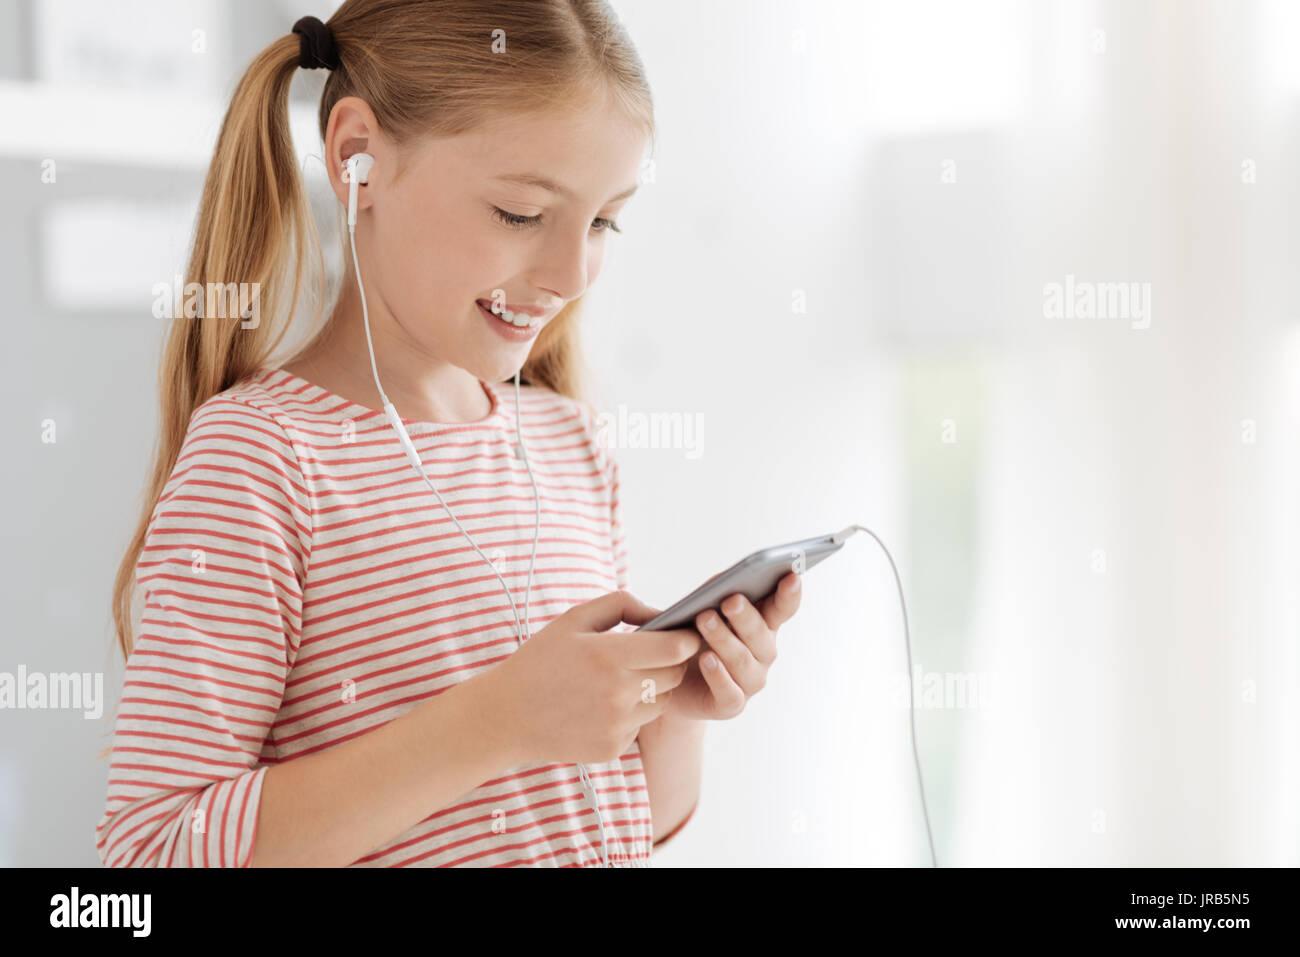 Mentalità positiva bambino ascolto di musica Immagini Stock